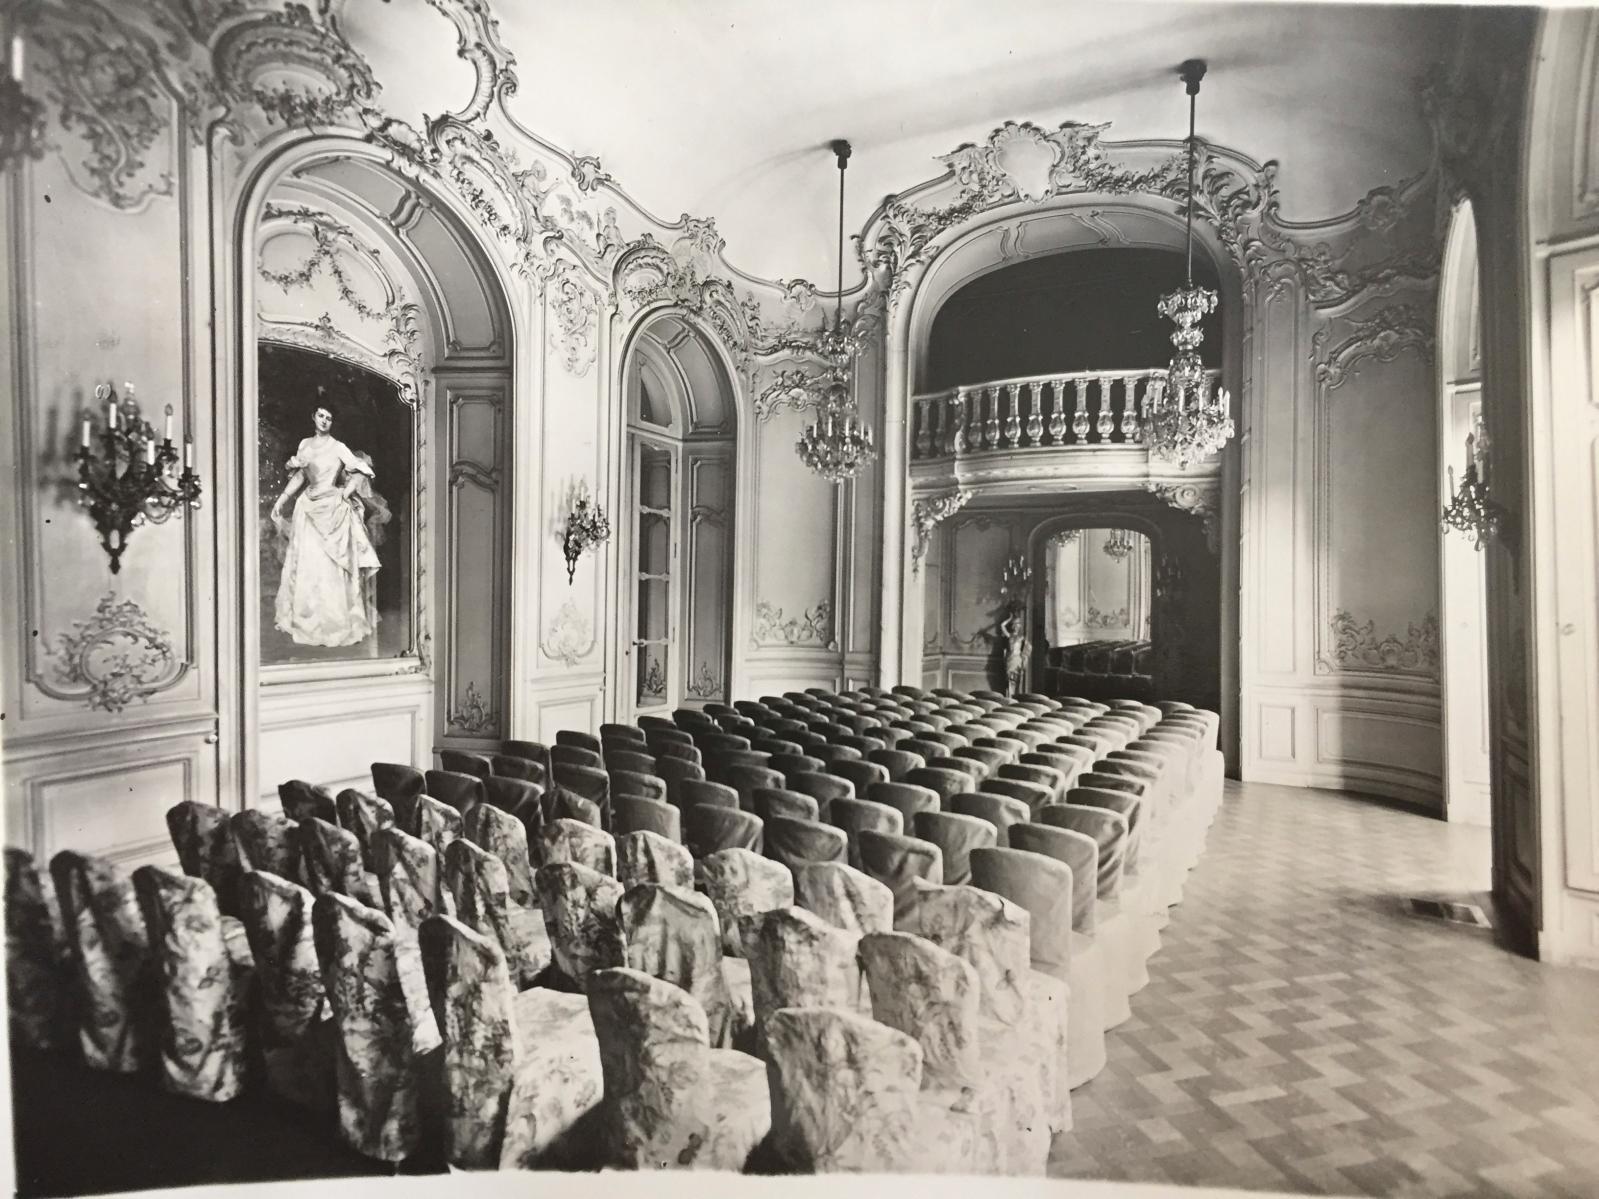 La salle de bal de l'hôtel particulier des Porgès, avenue Montaigne, avec le portrait de la maîtresse de maison par Raimundo de Madrazo, 1